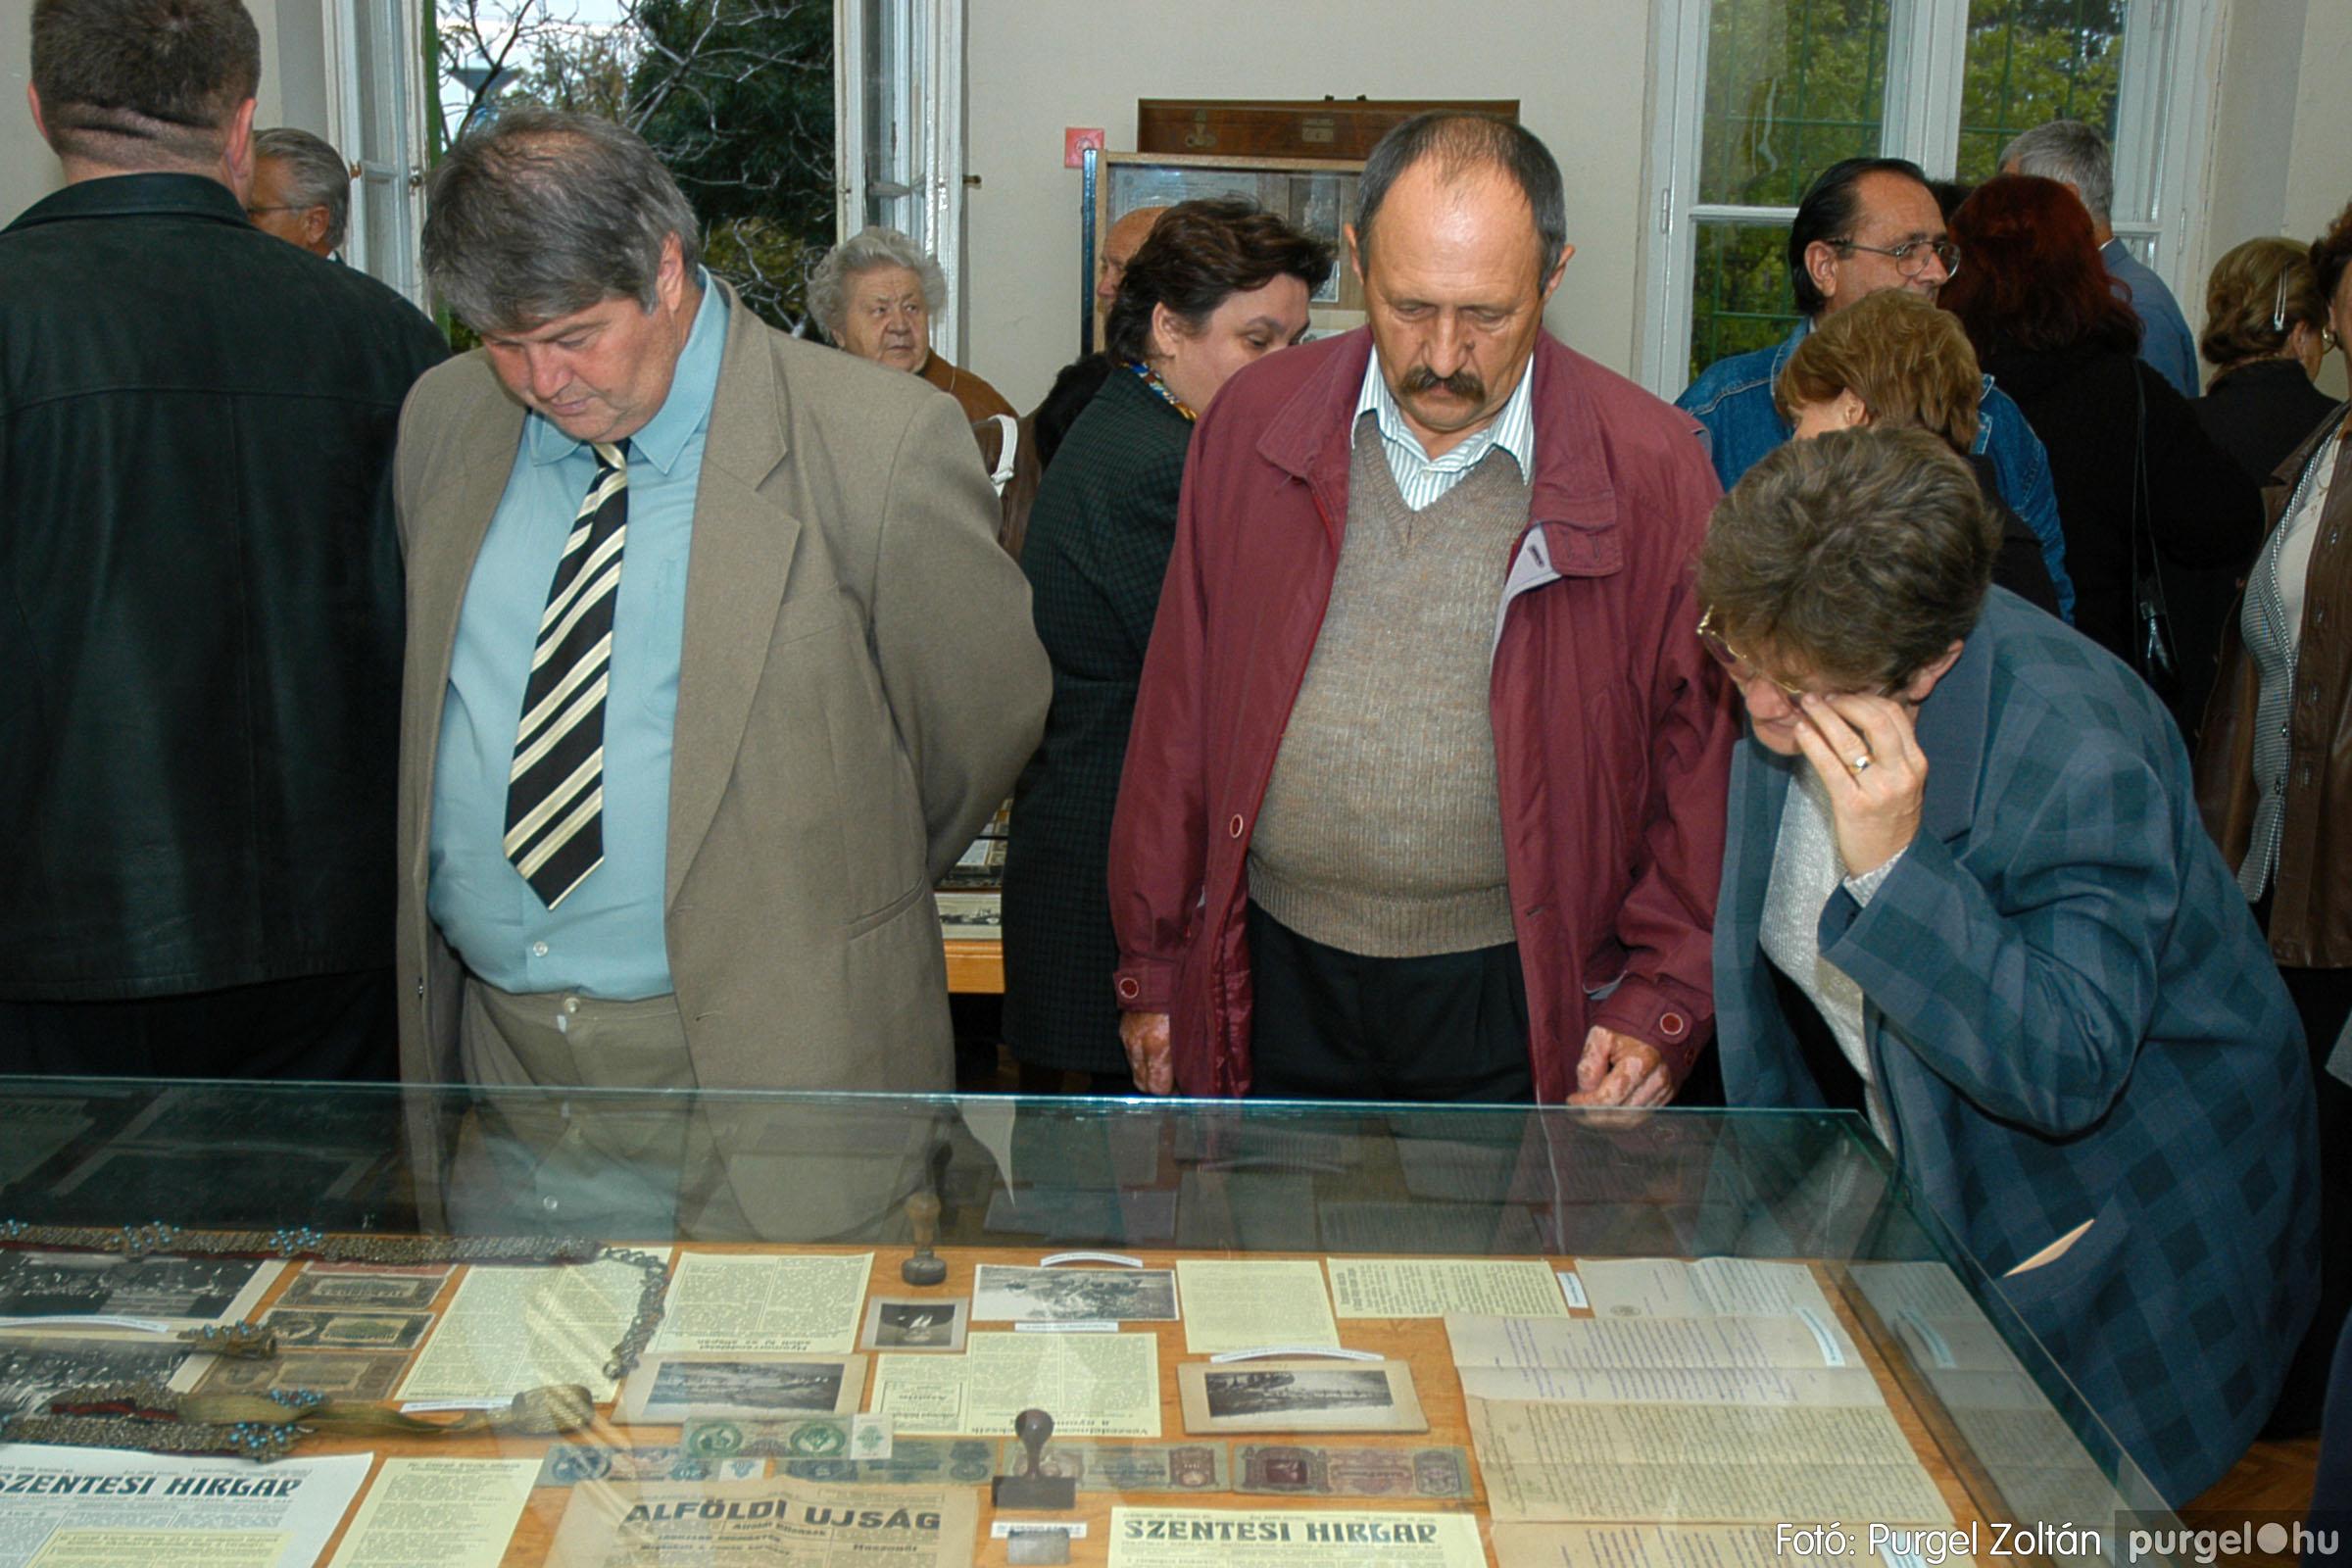 2004.09.25. 018 Dr. Csergő Károly alispán és kora című kiállítás és emléktábla avatás - Fotó:P. Z.©.jpg